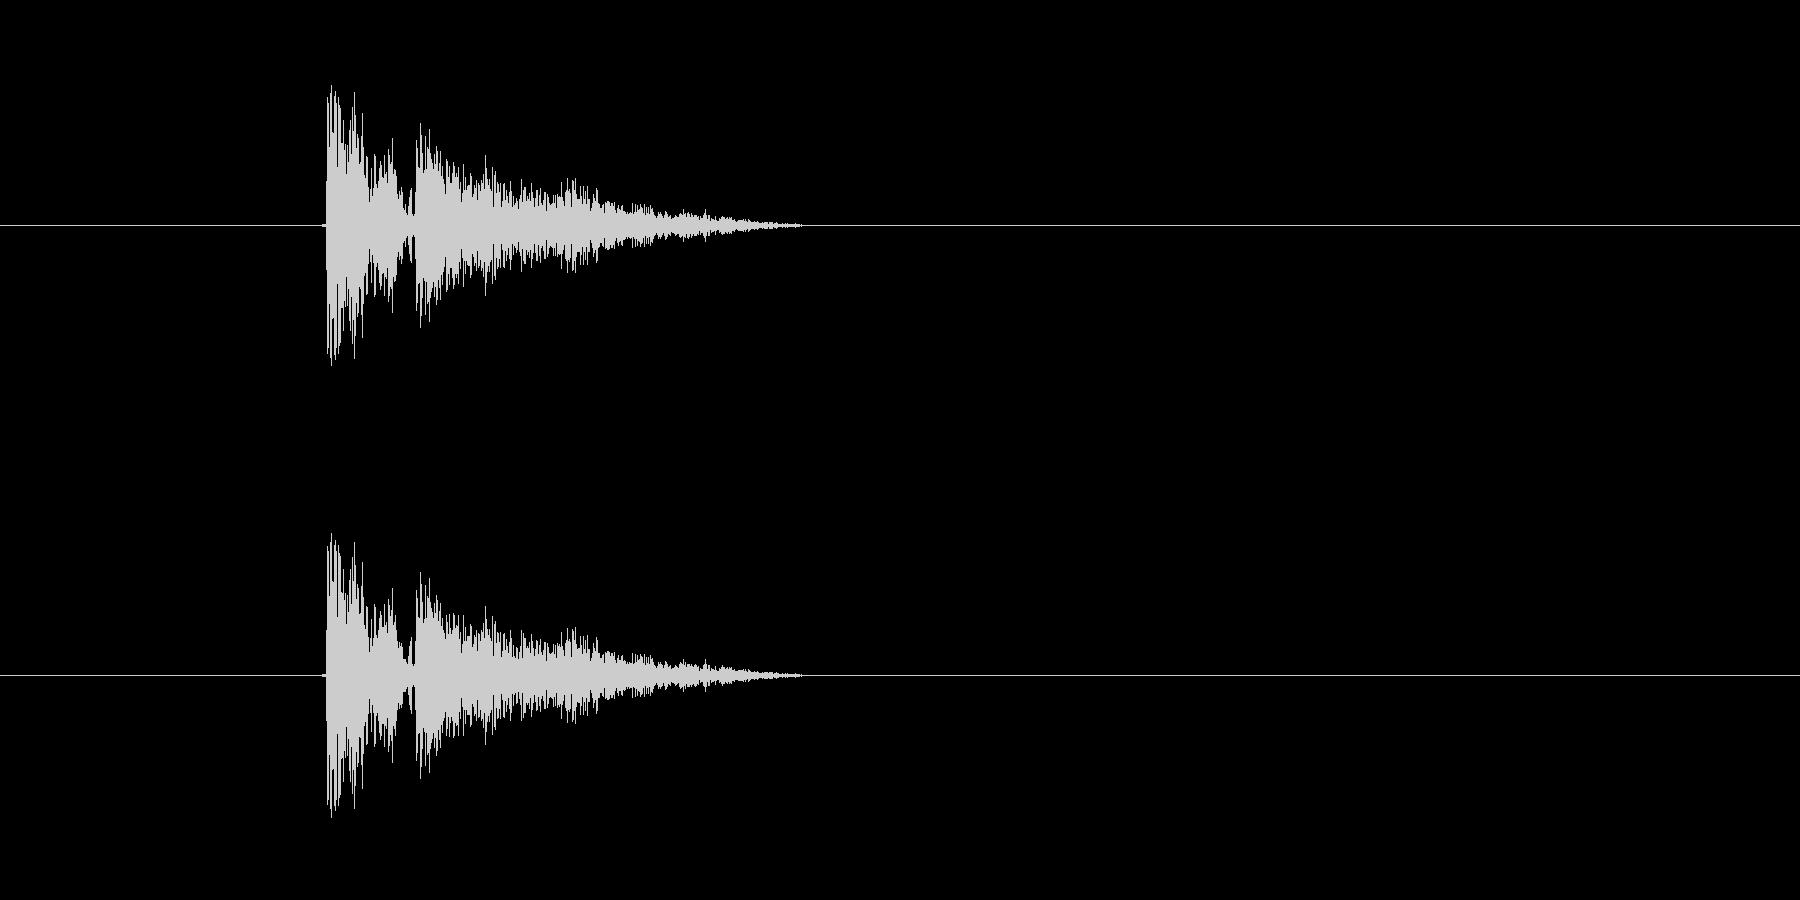 銃声(銃弾、ピストルの発砲音)の未再生の波形